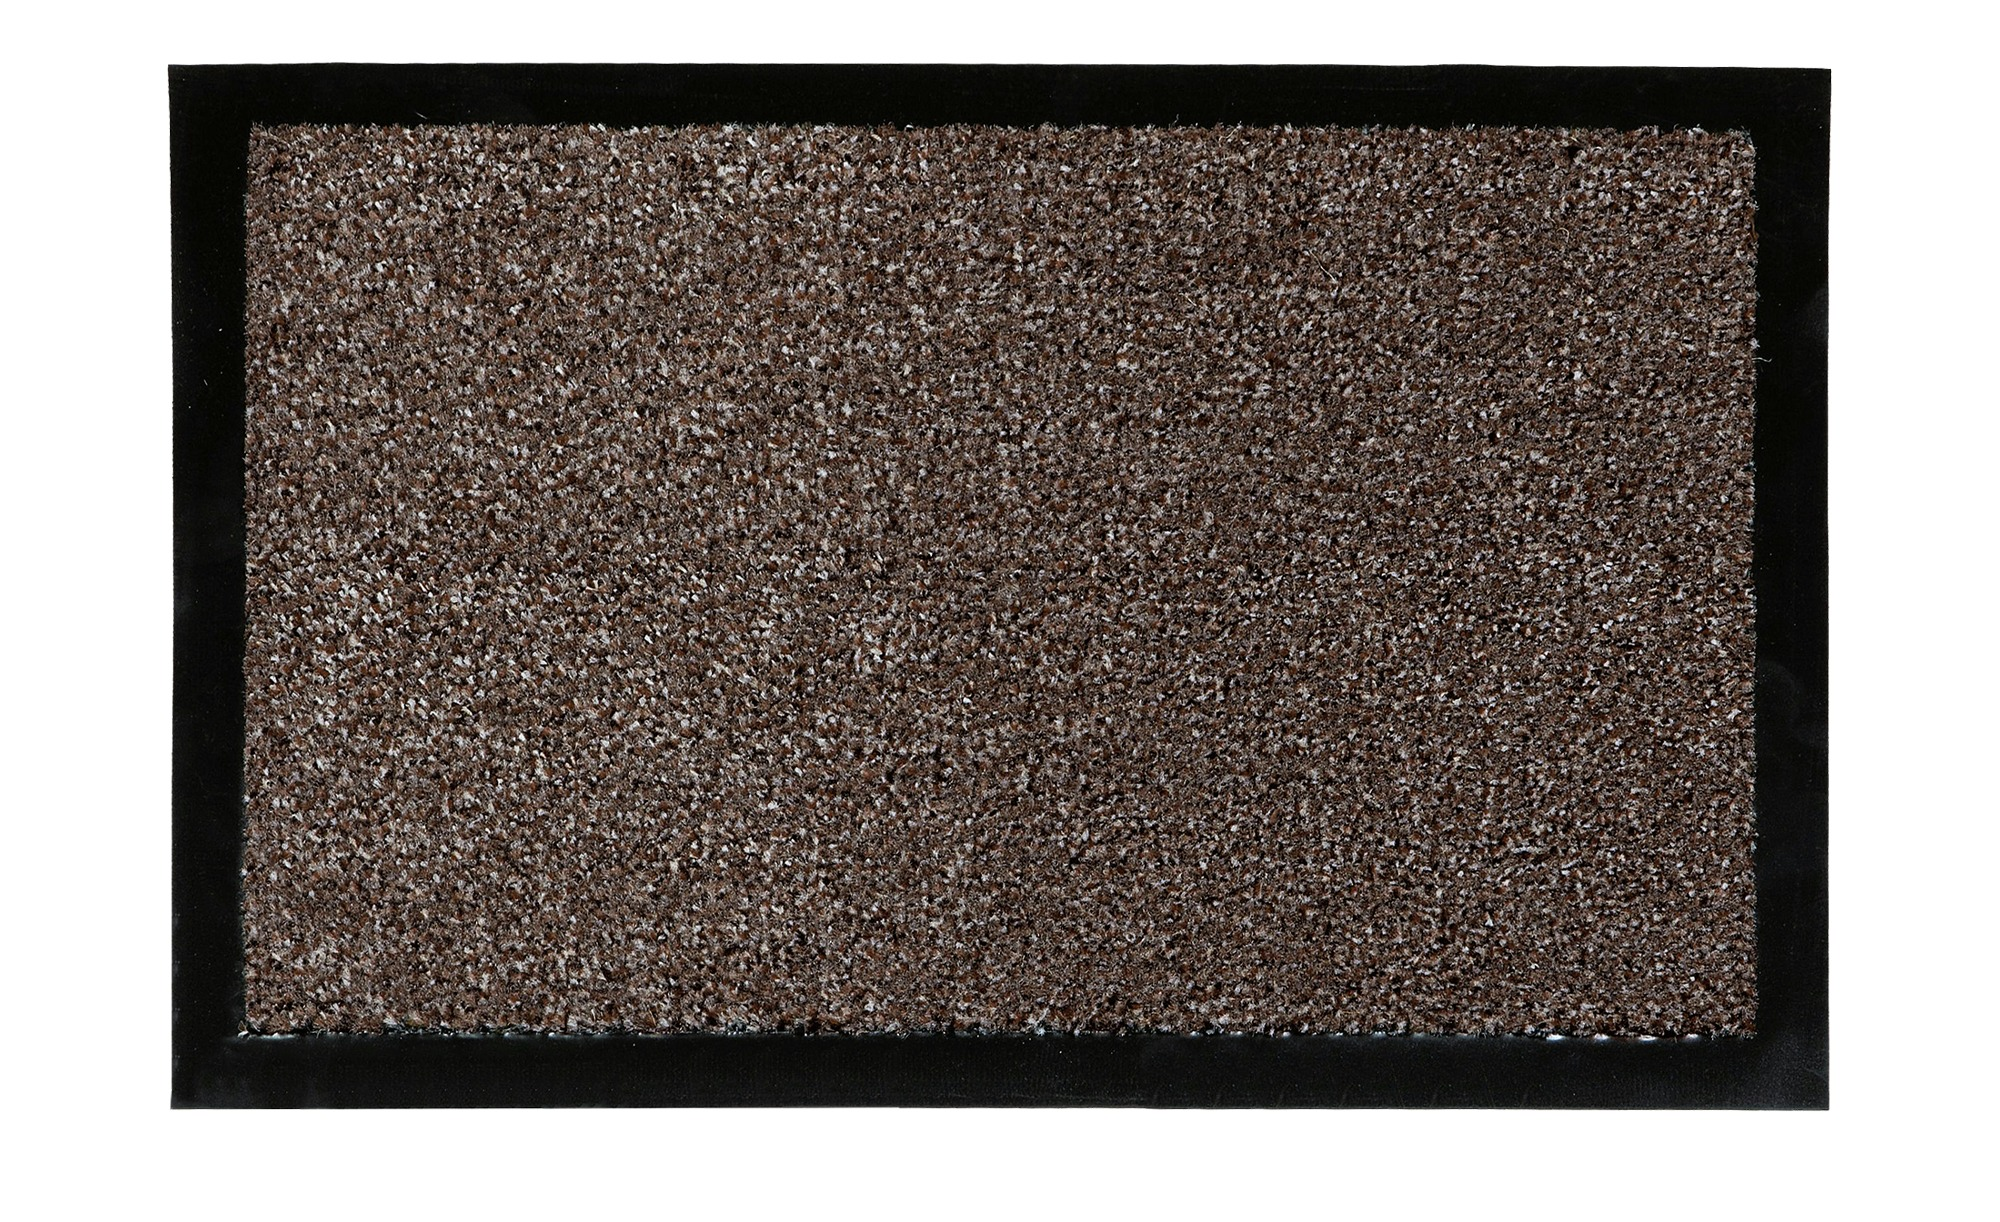 Fußmatte  Granat ¦ braun ¦ Synthethische Fasern, 100% Polypropylen ¦ Maße (cm): B: 40 Teppiche > Fußmatten & Stufenmatten - Höffner